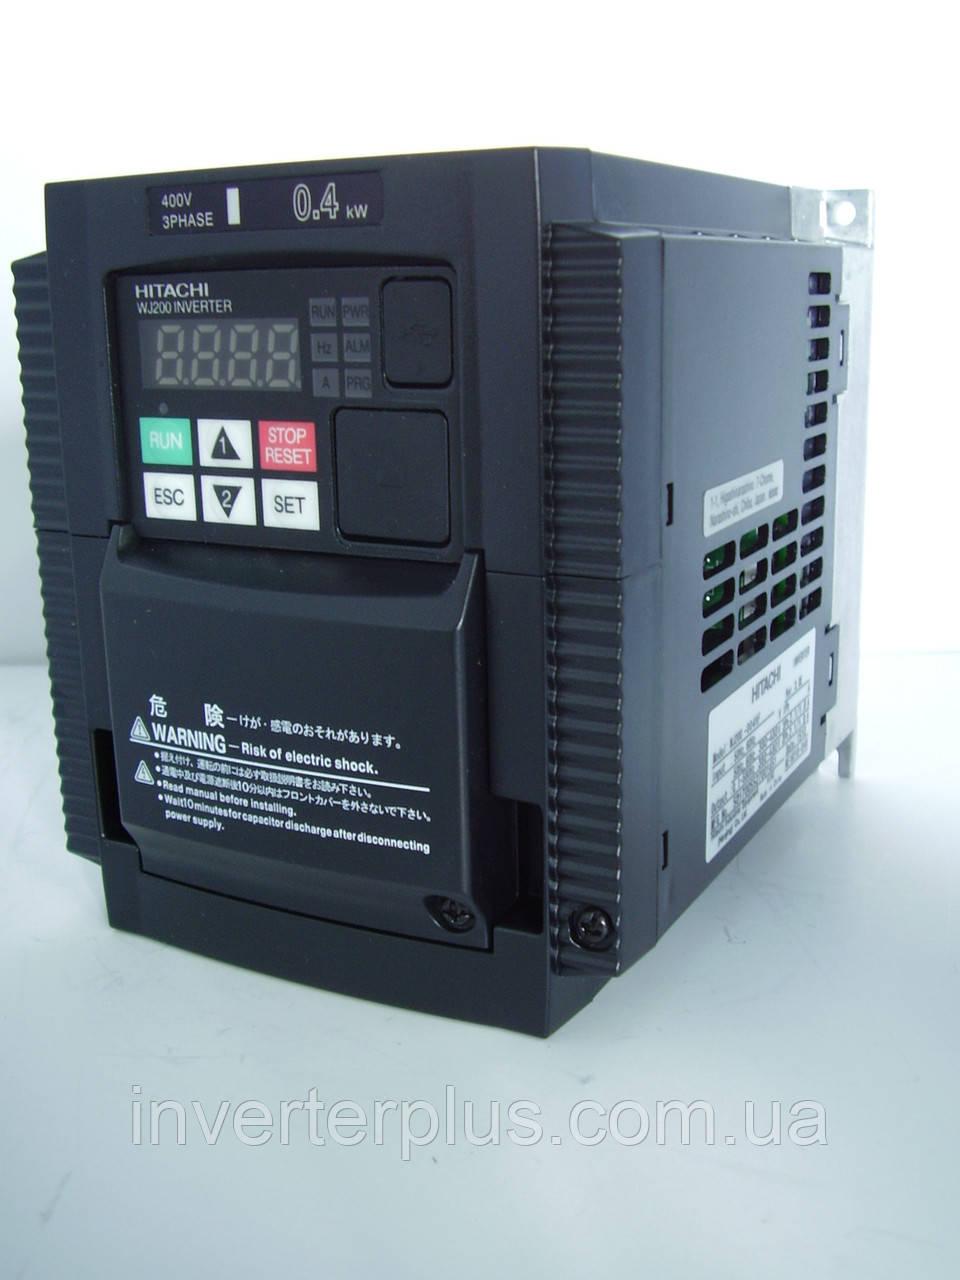 WJ200-004HF; 0,4кВт/380В. Частотник Hitachi